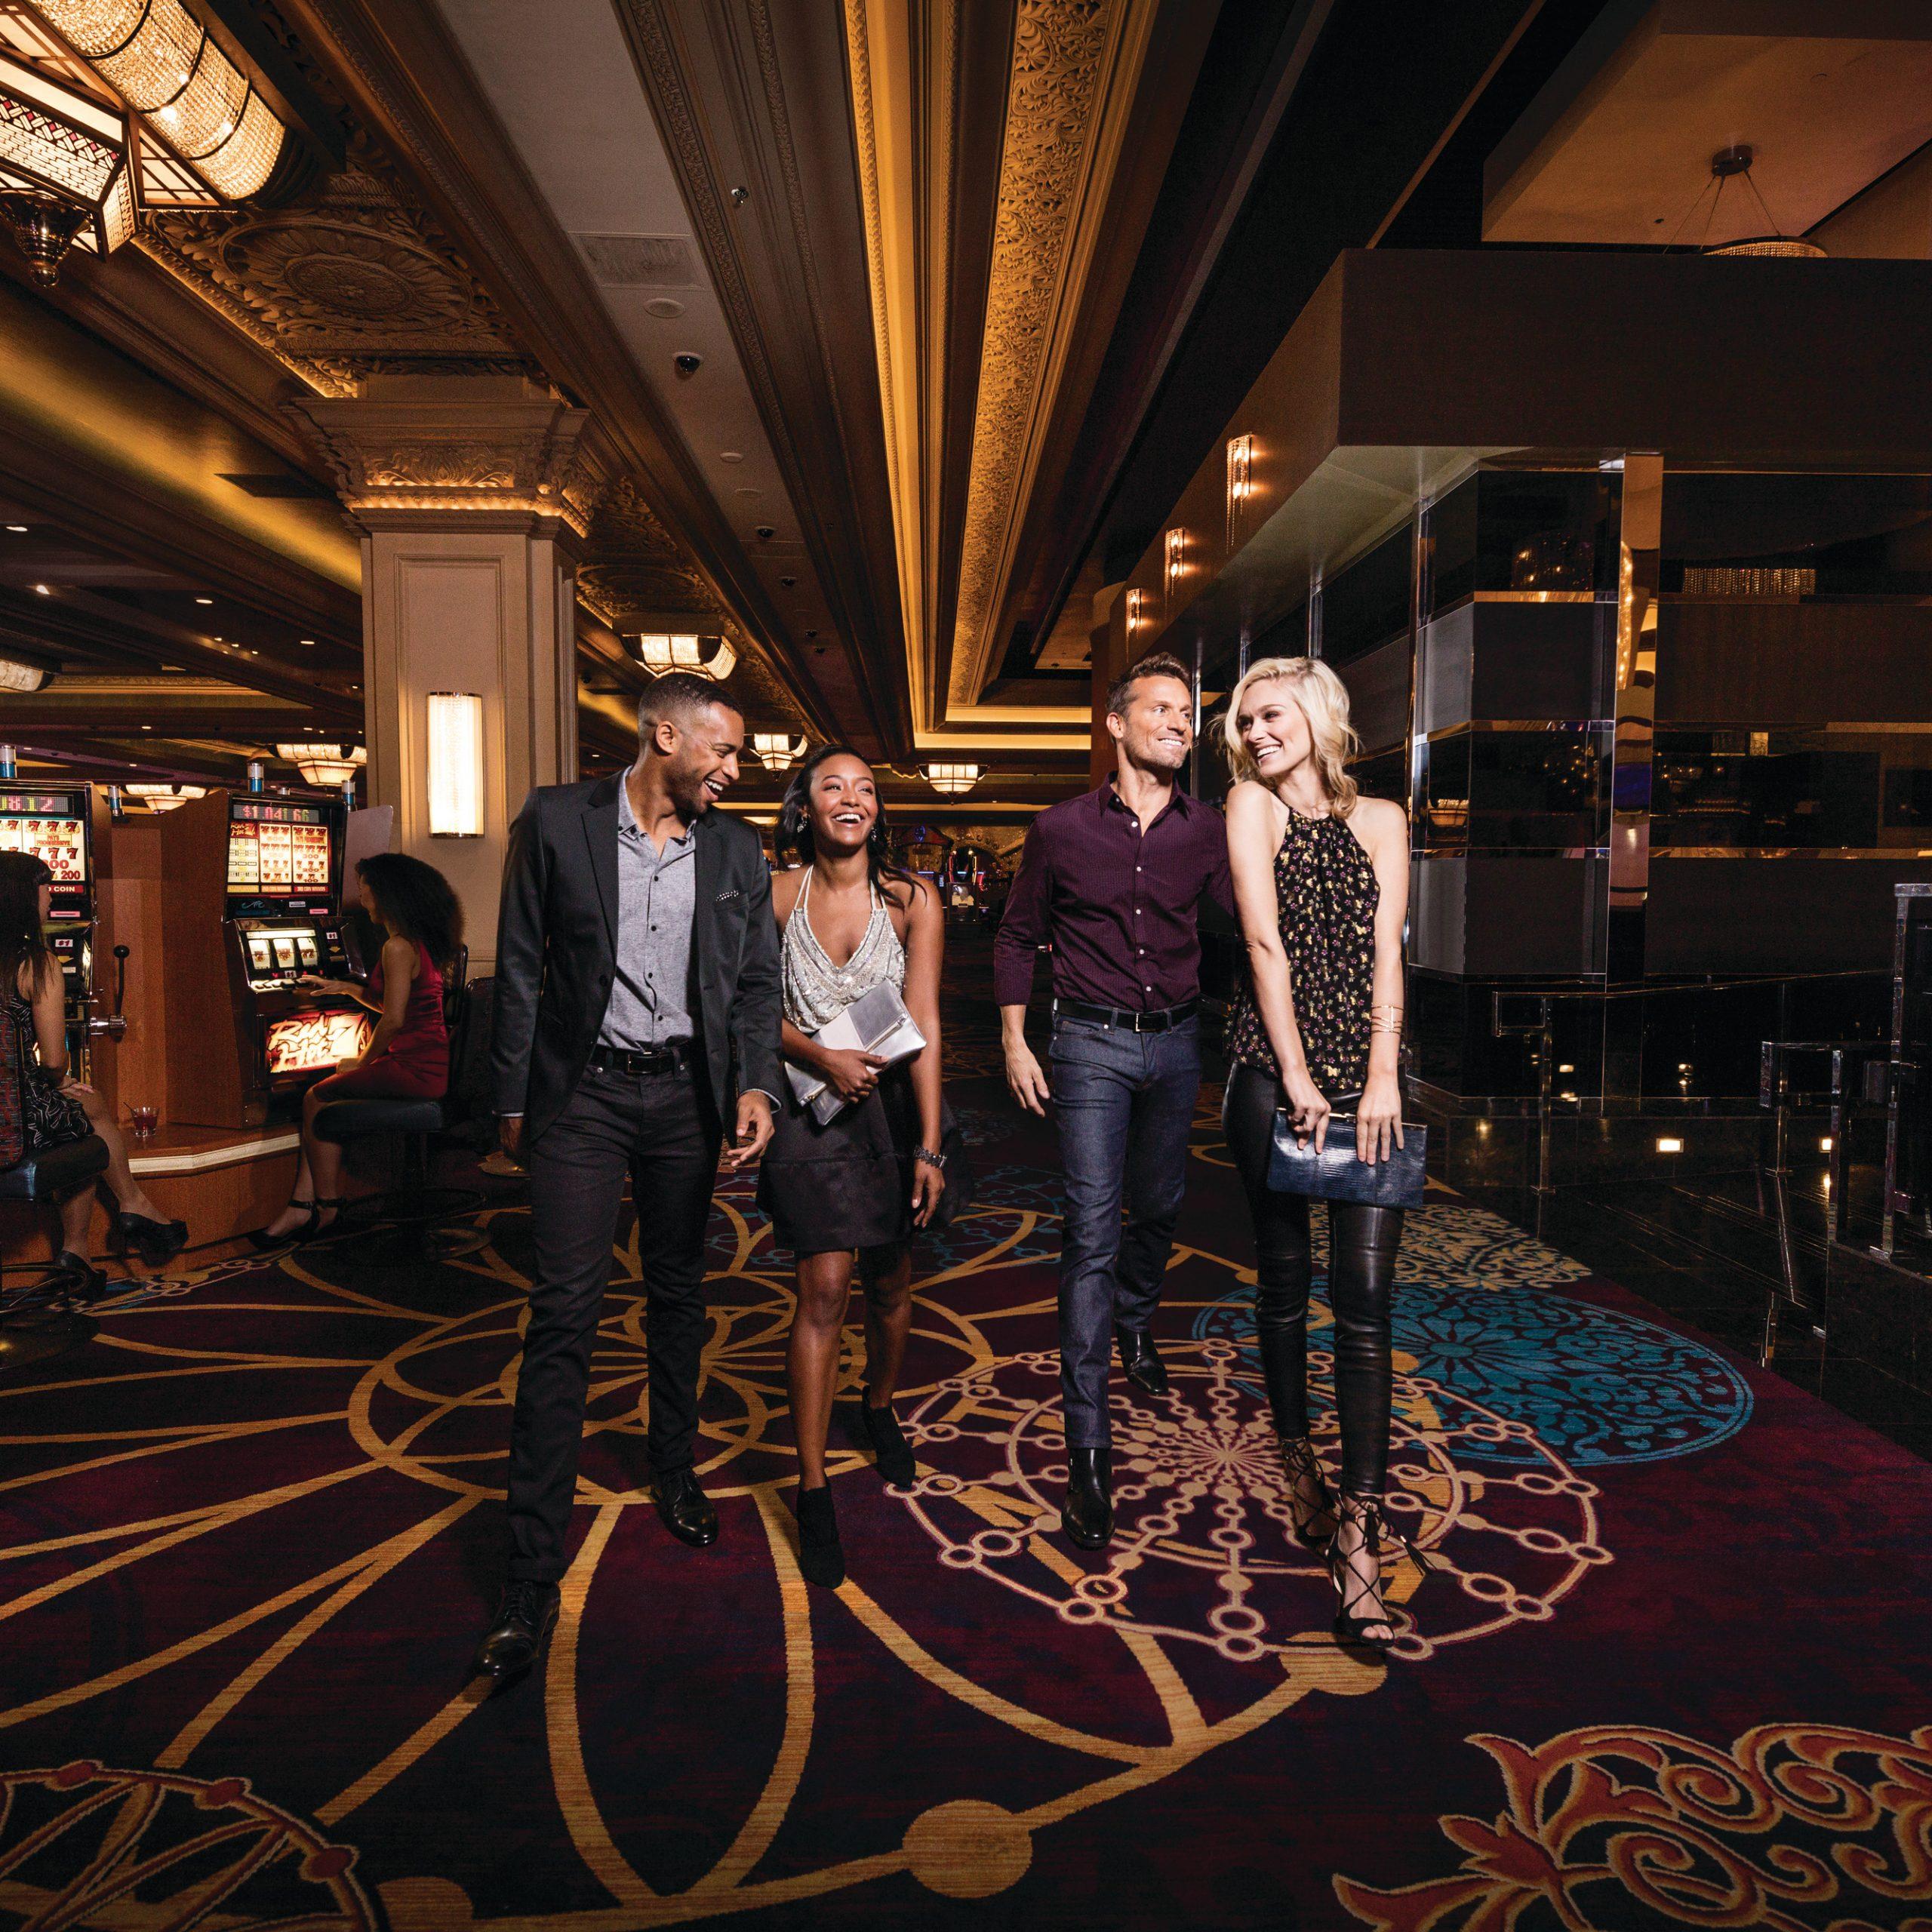 People walking through a casino